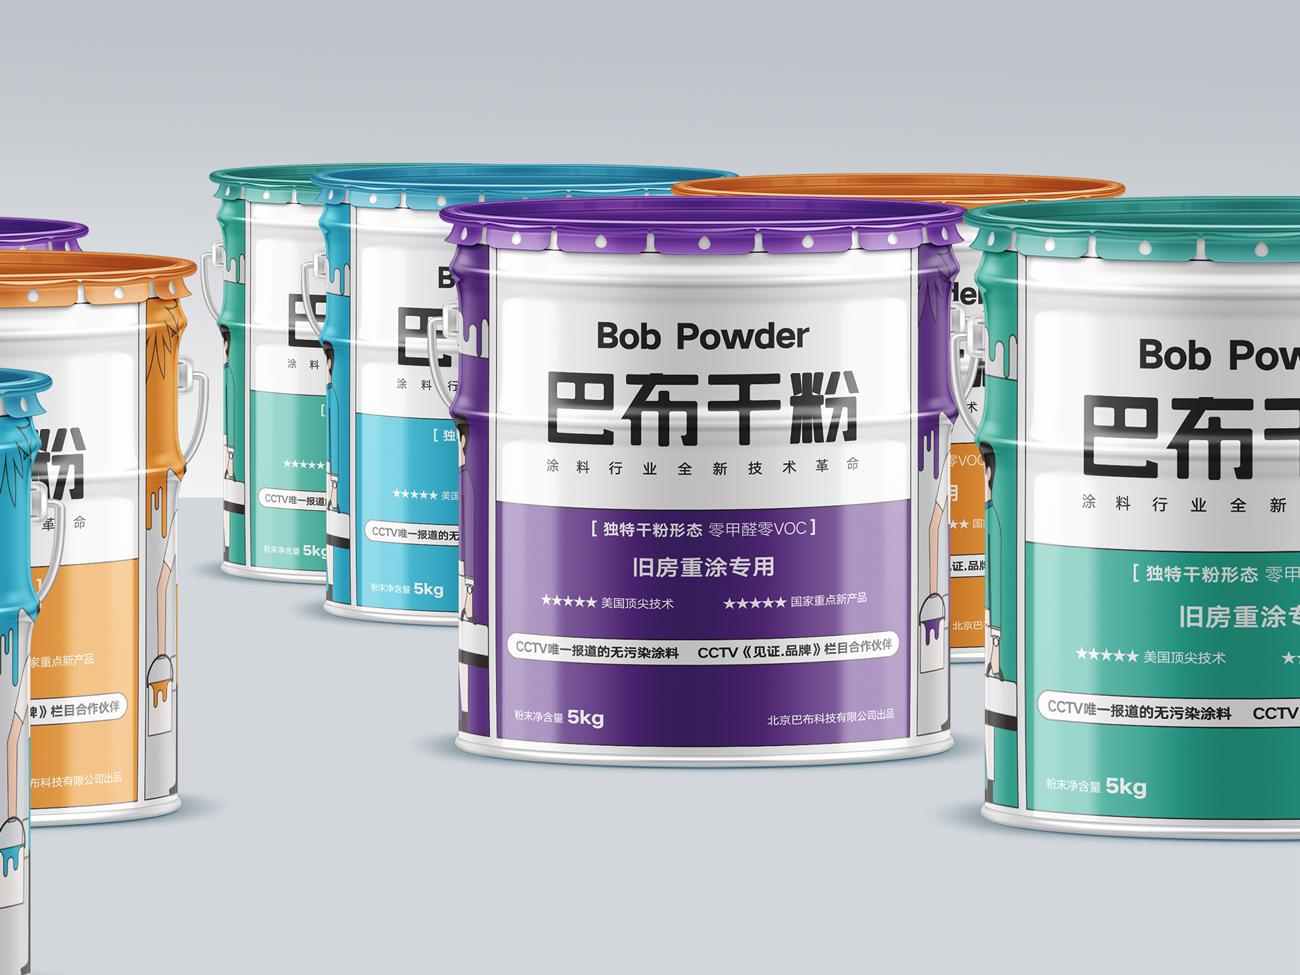 洋气的装修材料包装设计——巴布家族干粉漆与涂料桶包装设计